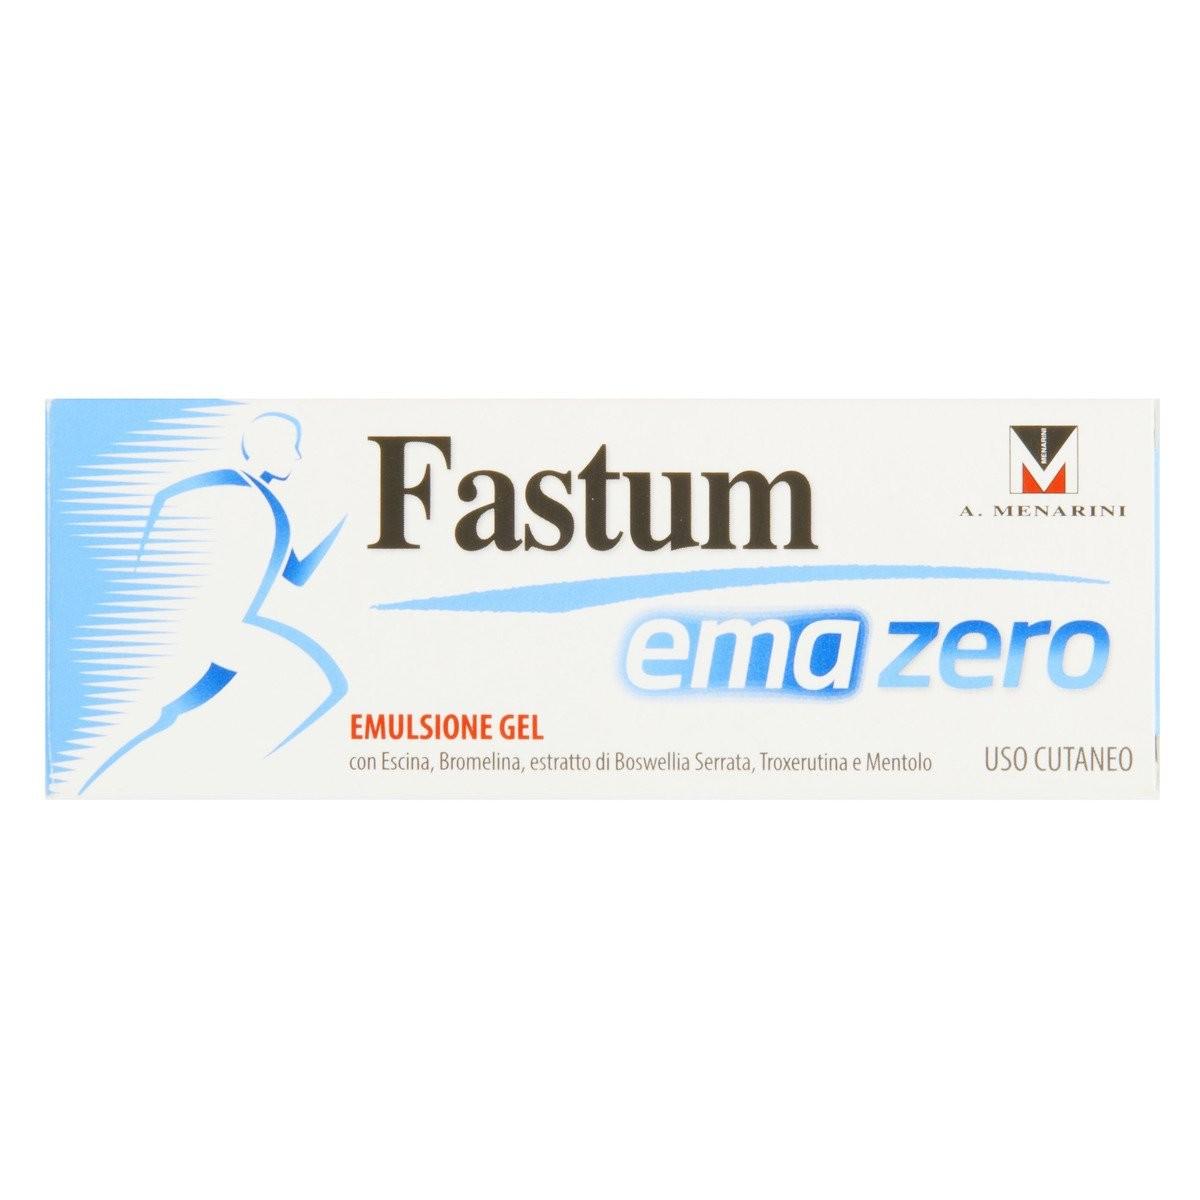 A. Menarini Fastum Ema Zero Emulsione gel